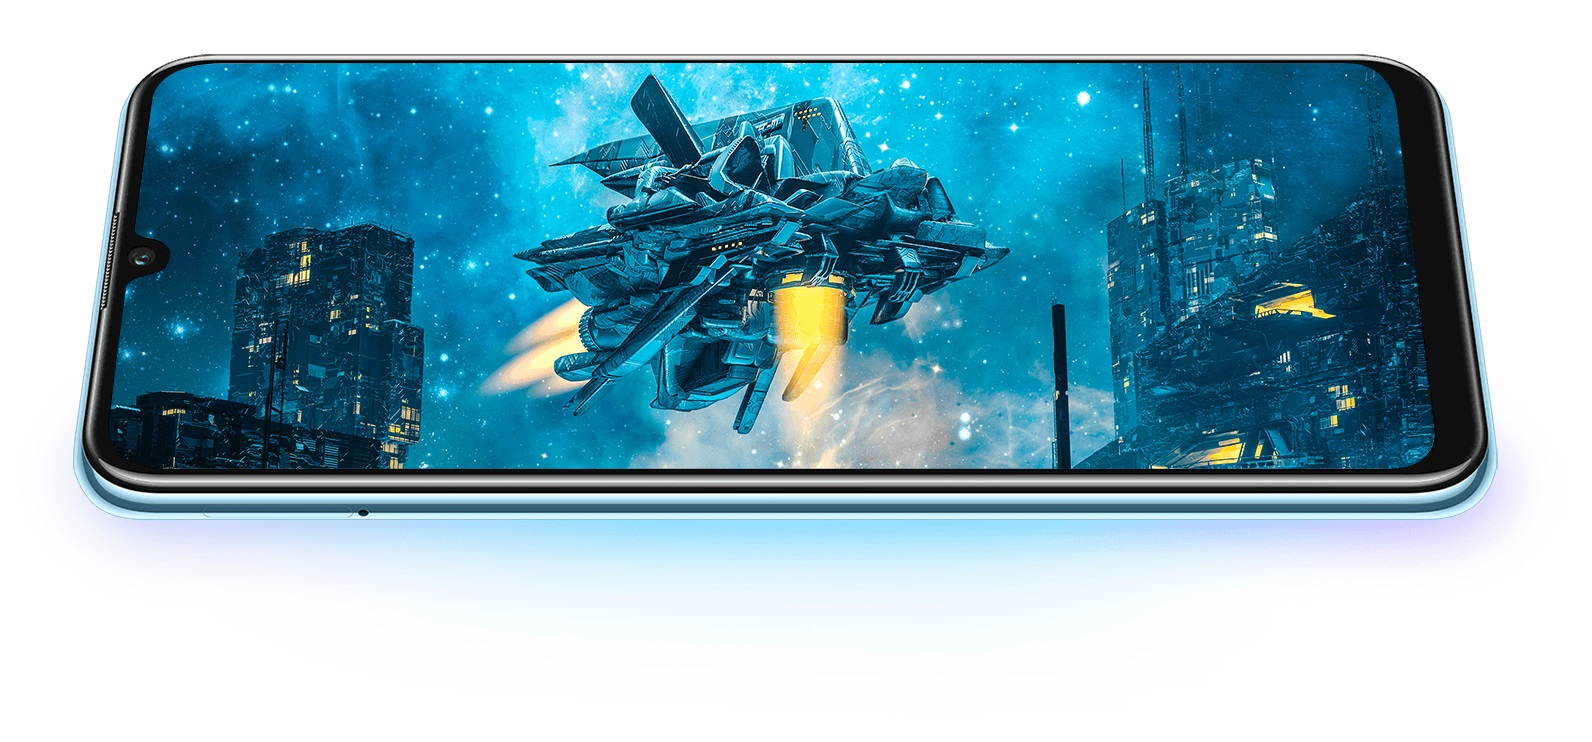 المراجعة الأولية لمواصفات هاتف Huawei Y8p الجديد